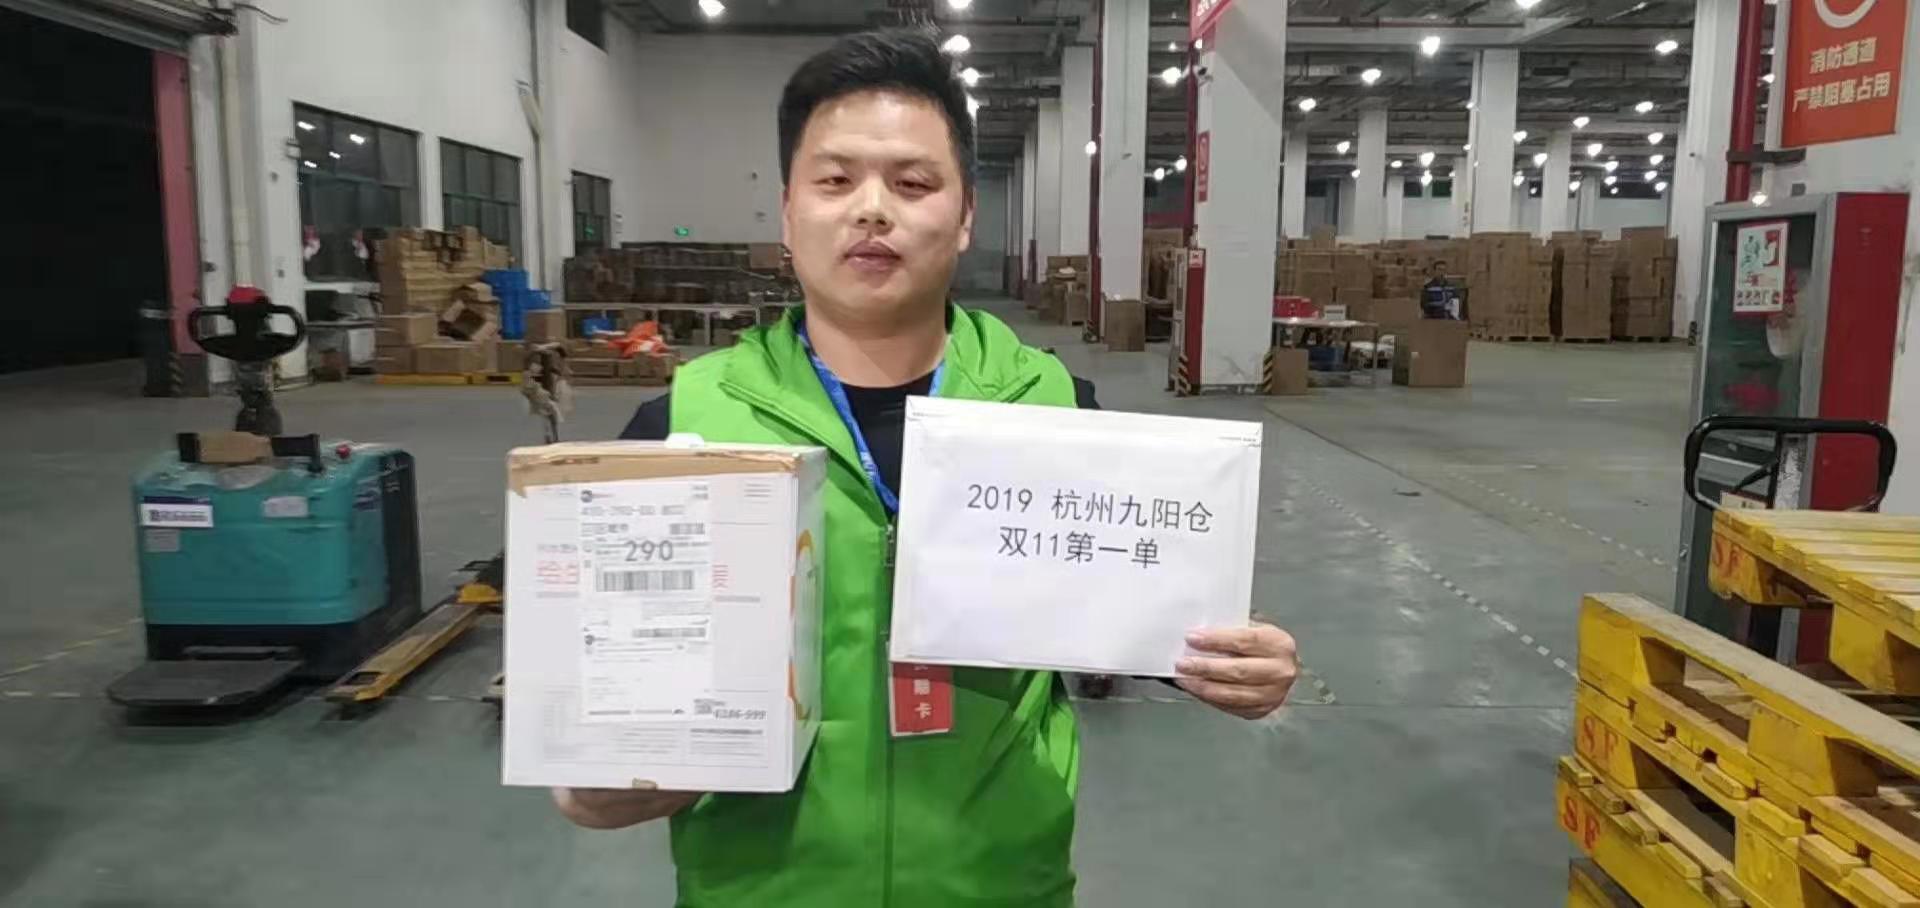 圆通云仓2019双十一第一单,九阳项目先科同学拔得头筹